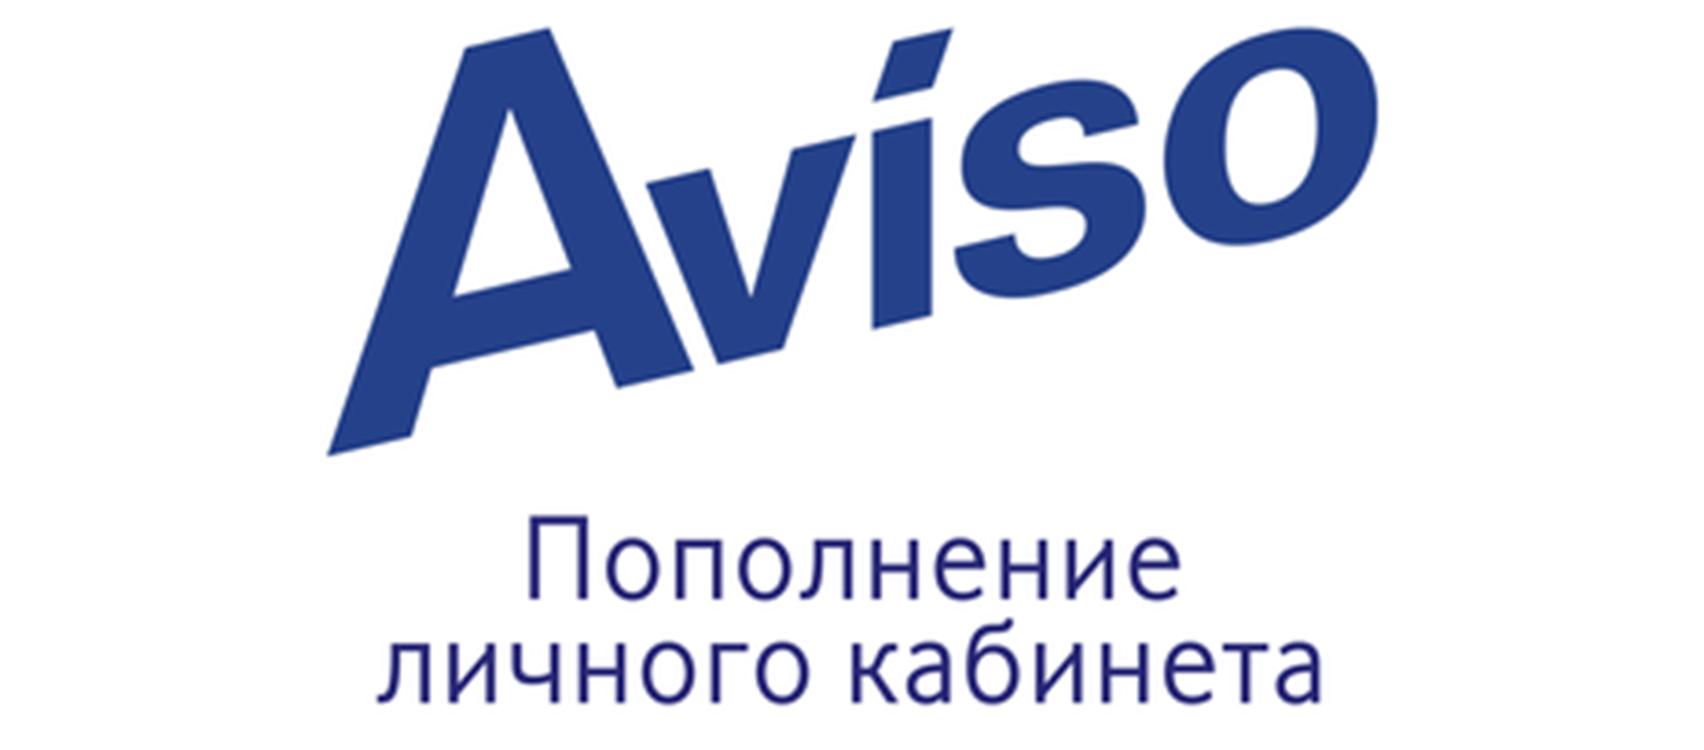 AVISO - Поповнення особистого кабінету